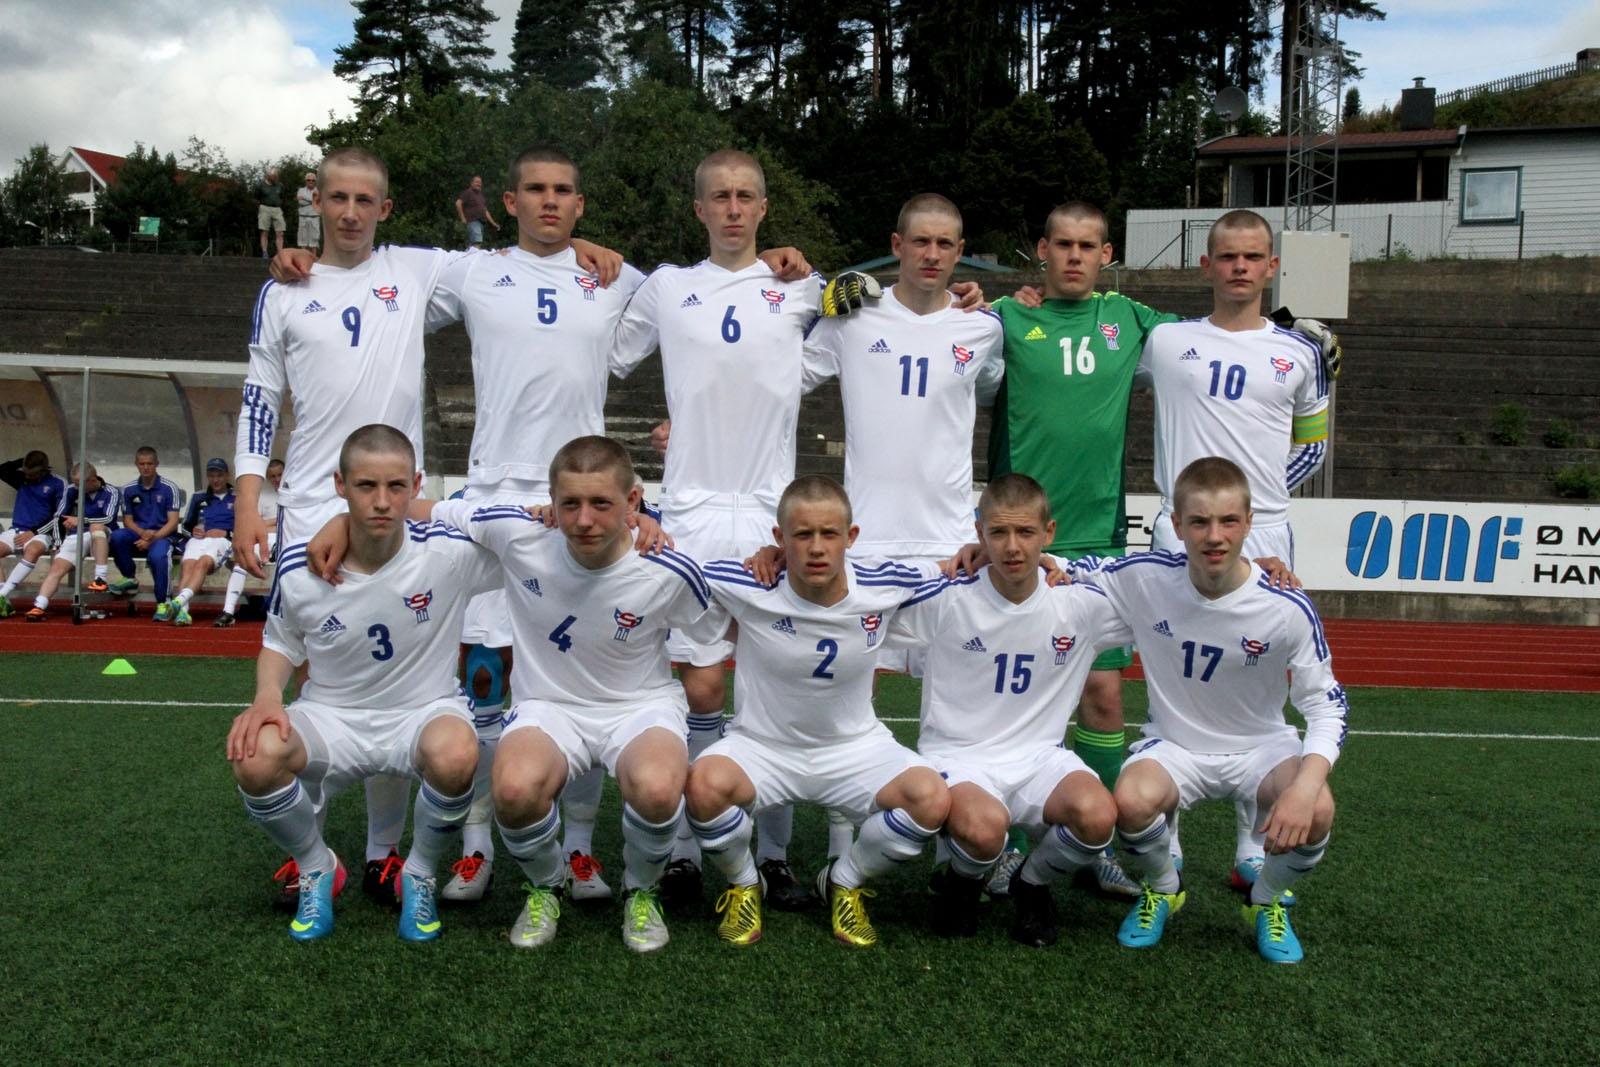 U-17 landsliðið: Plaserings dystur Føroyar – Svøríki 1-6